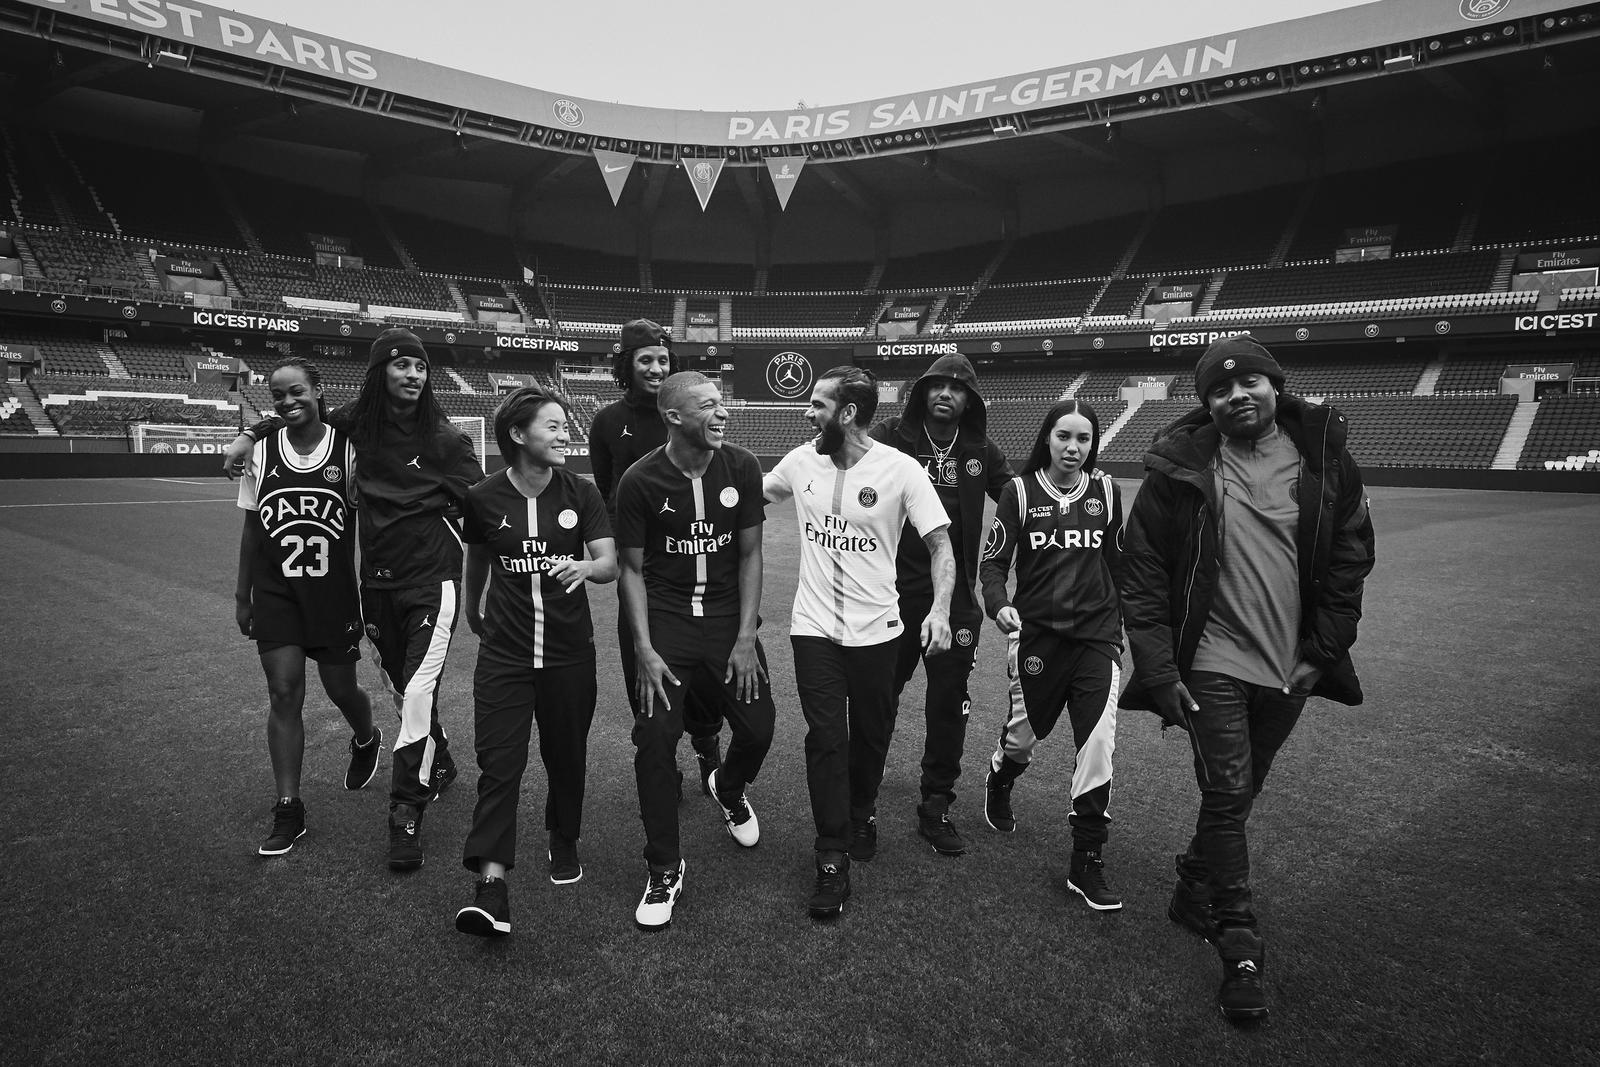 Jordan Brand and Paris Saint-Germain